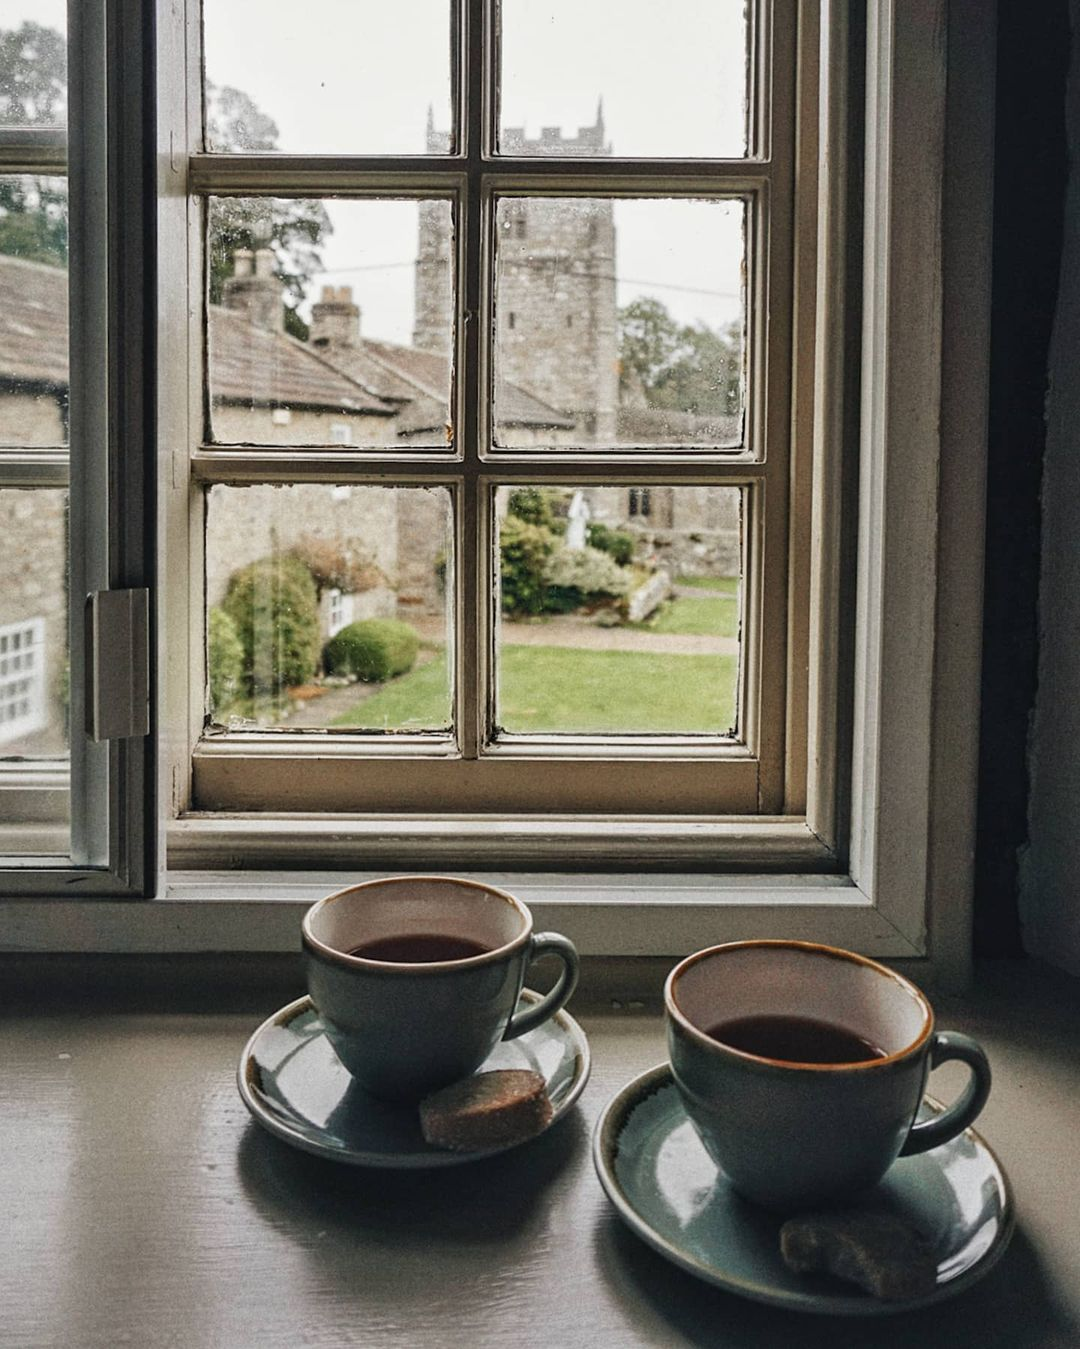 𝒾𝓉'𝓈 𝒸𝑜𝒻𝒻𝑒𝑒 𝓉𝒾𝓂𝑒 Le giornate dovrebbero iniziare con un abbraccio, un bacio, una carezza e un caffè.